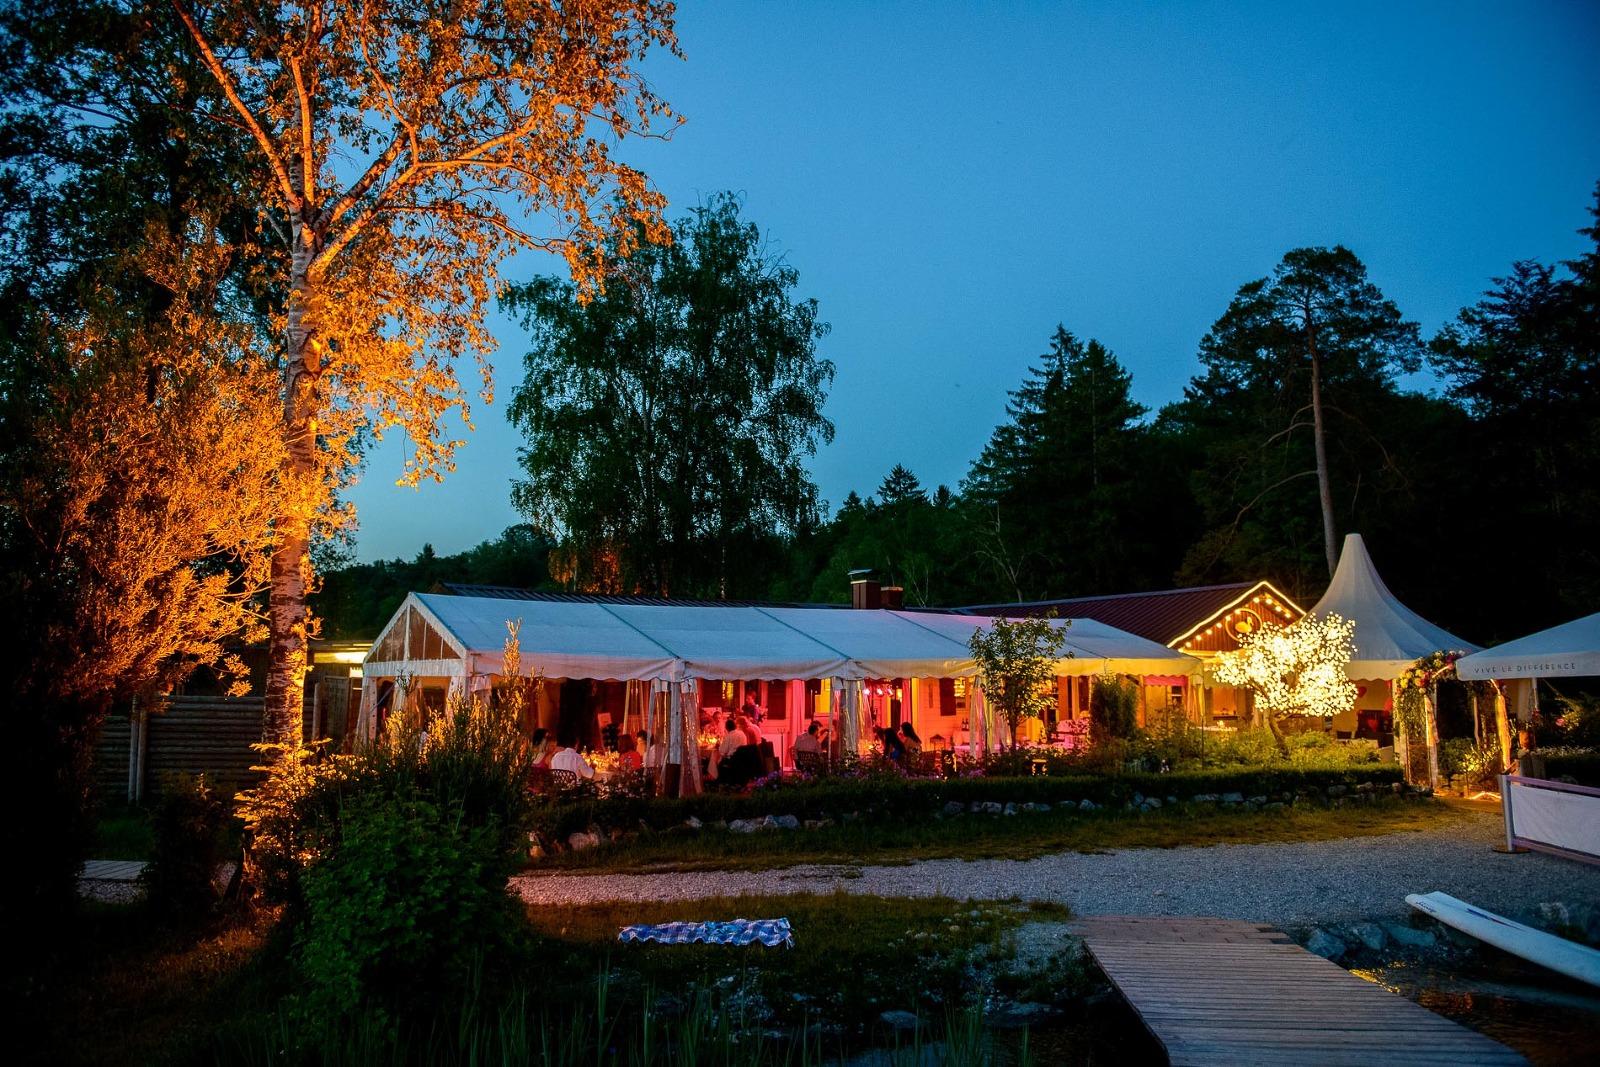 Hochzeits-Fotograf Bayern, Hochzeits-Location Kleines Seehaus am Starnberger See